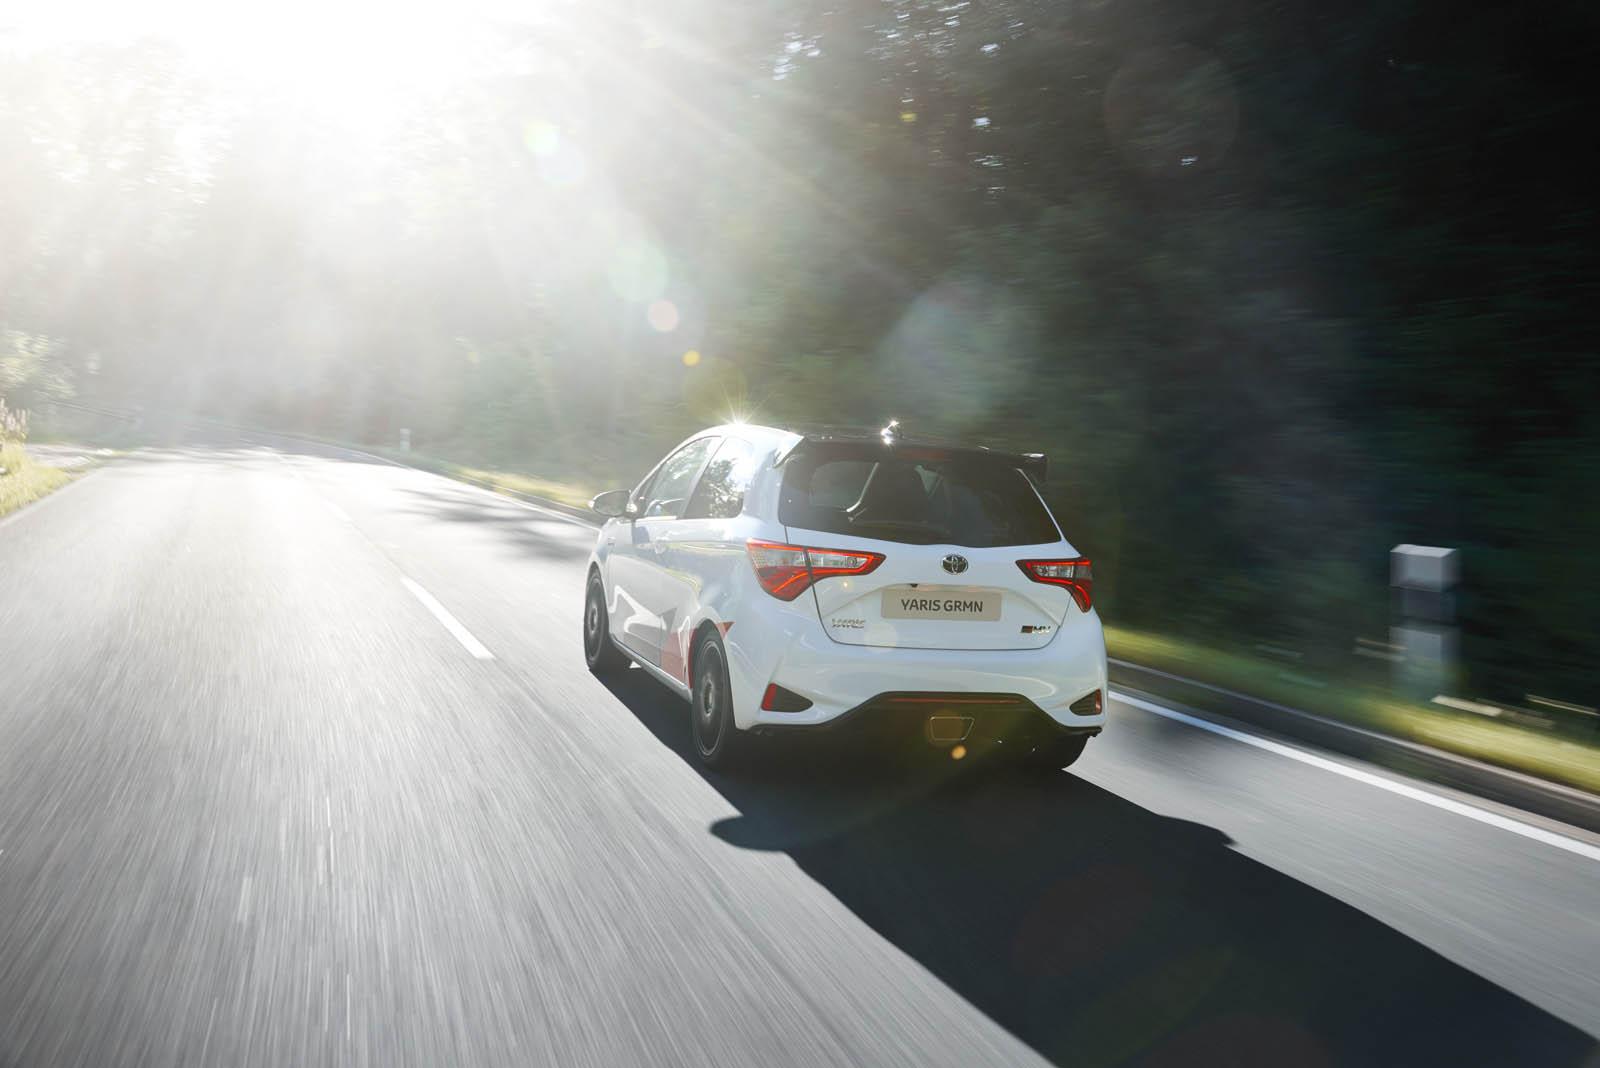 Toyota Yaris GRMN (7)